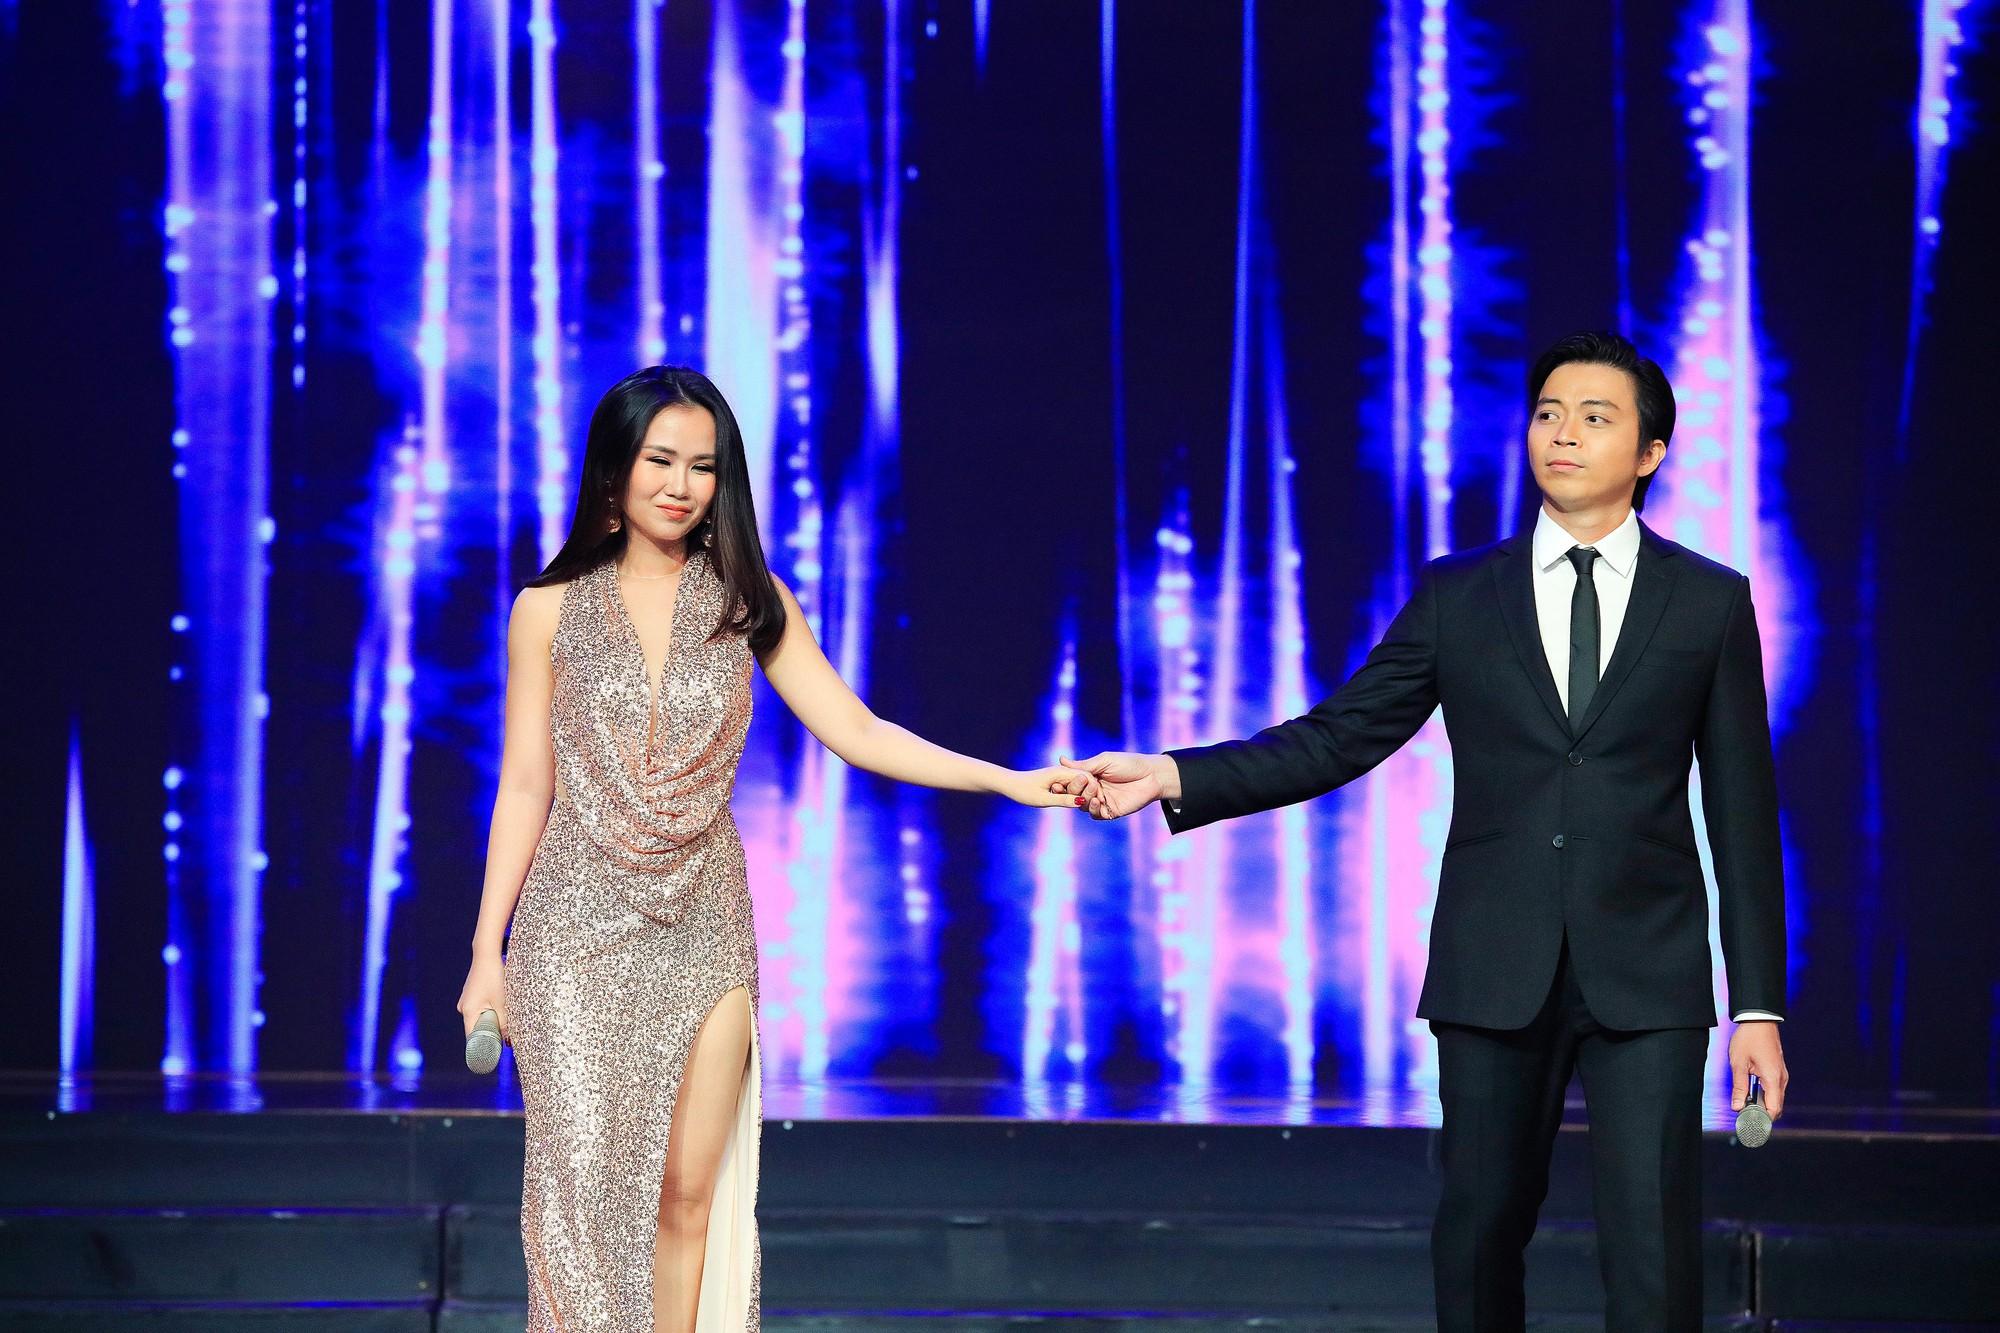 Khép lại 19 năm thanh xuân, MC Quỳnh Hương rơi nước mắt trong số cuối cùng dẫn Thay lời muốn nói - Ảnh 14.